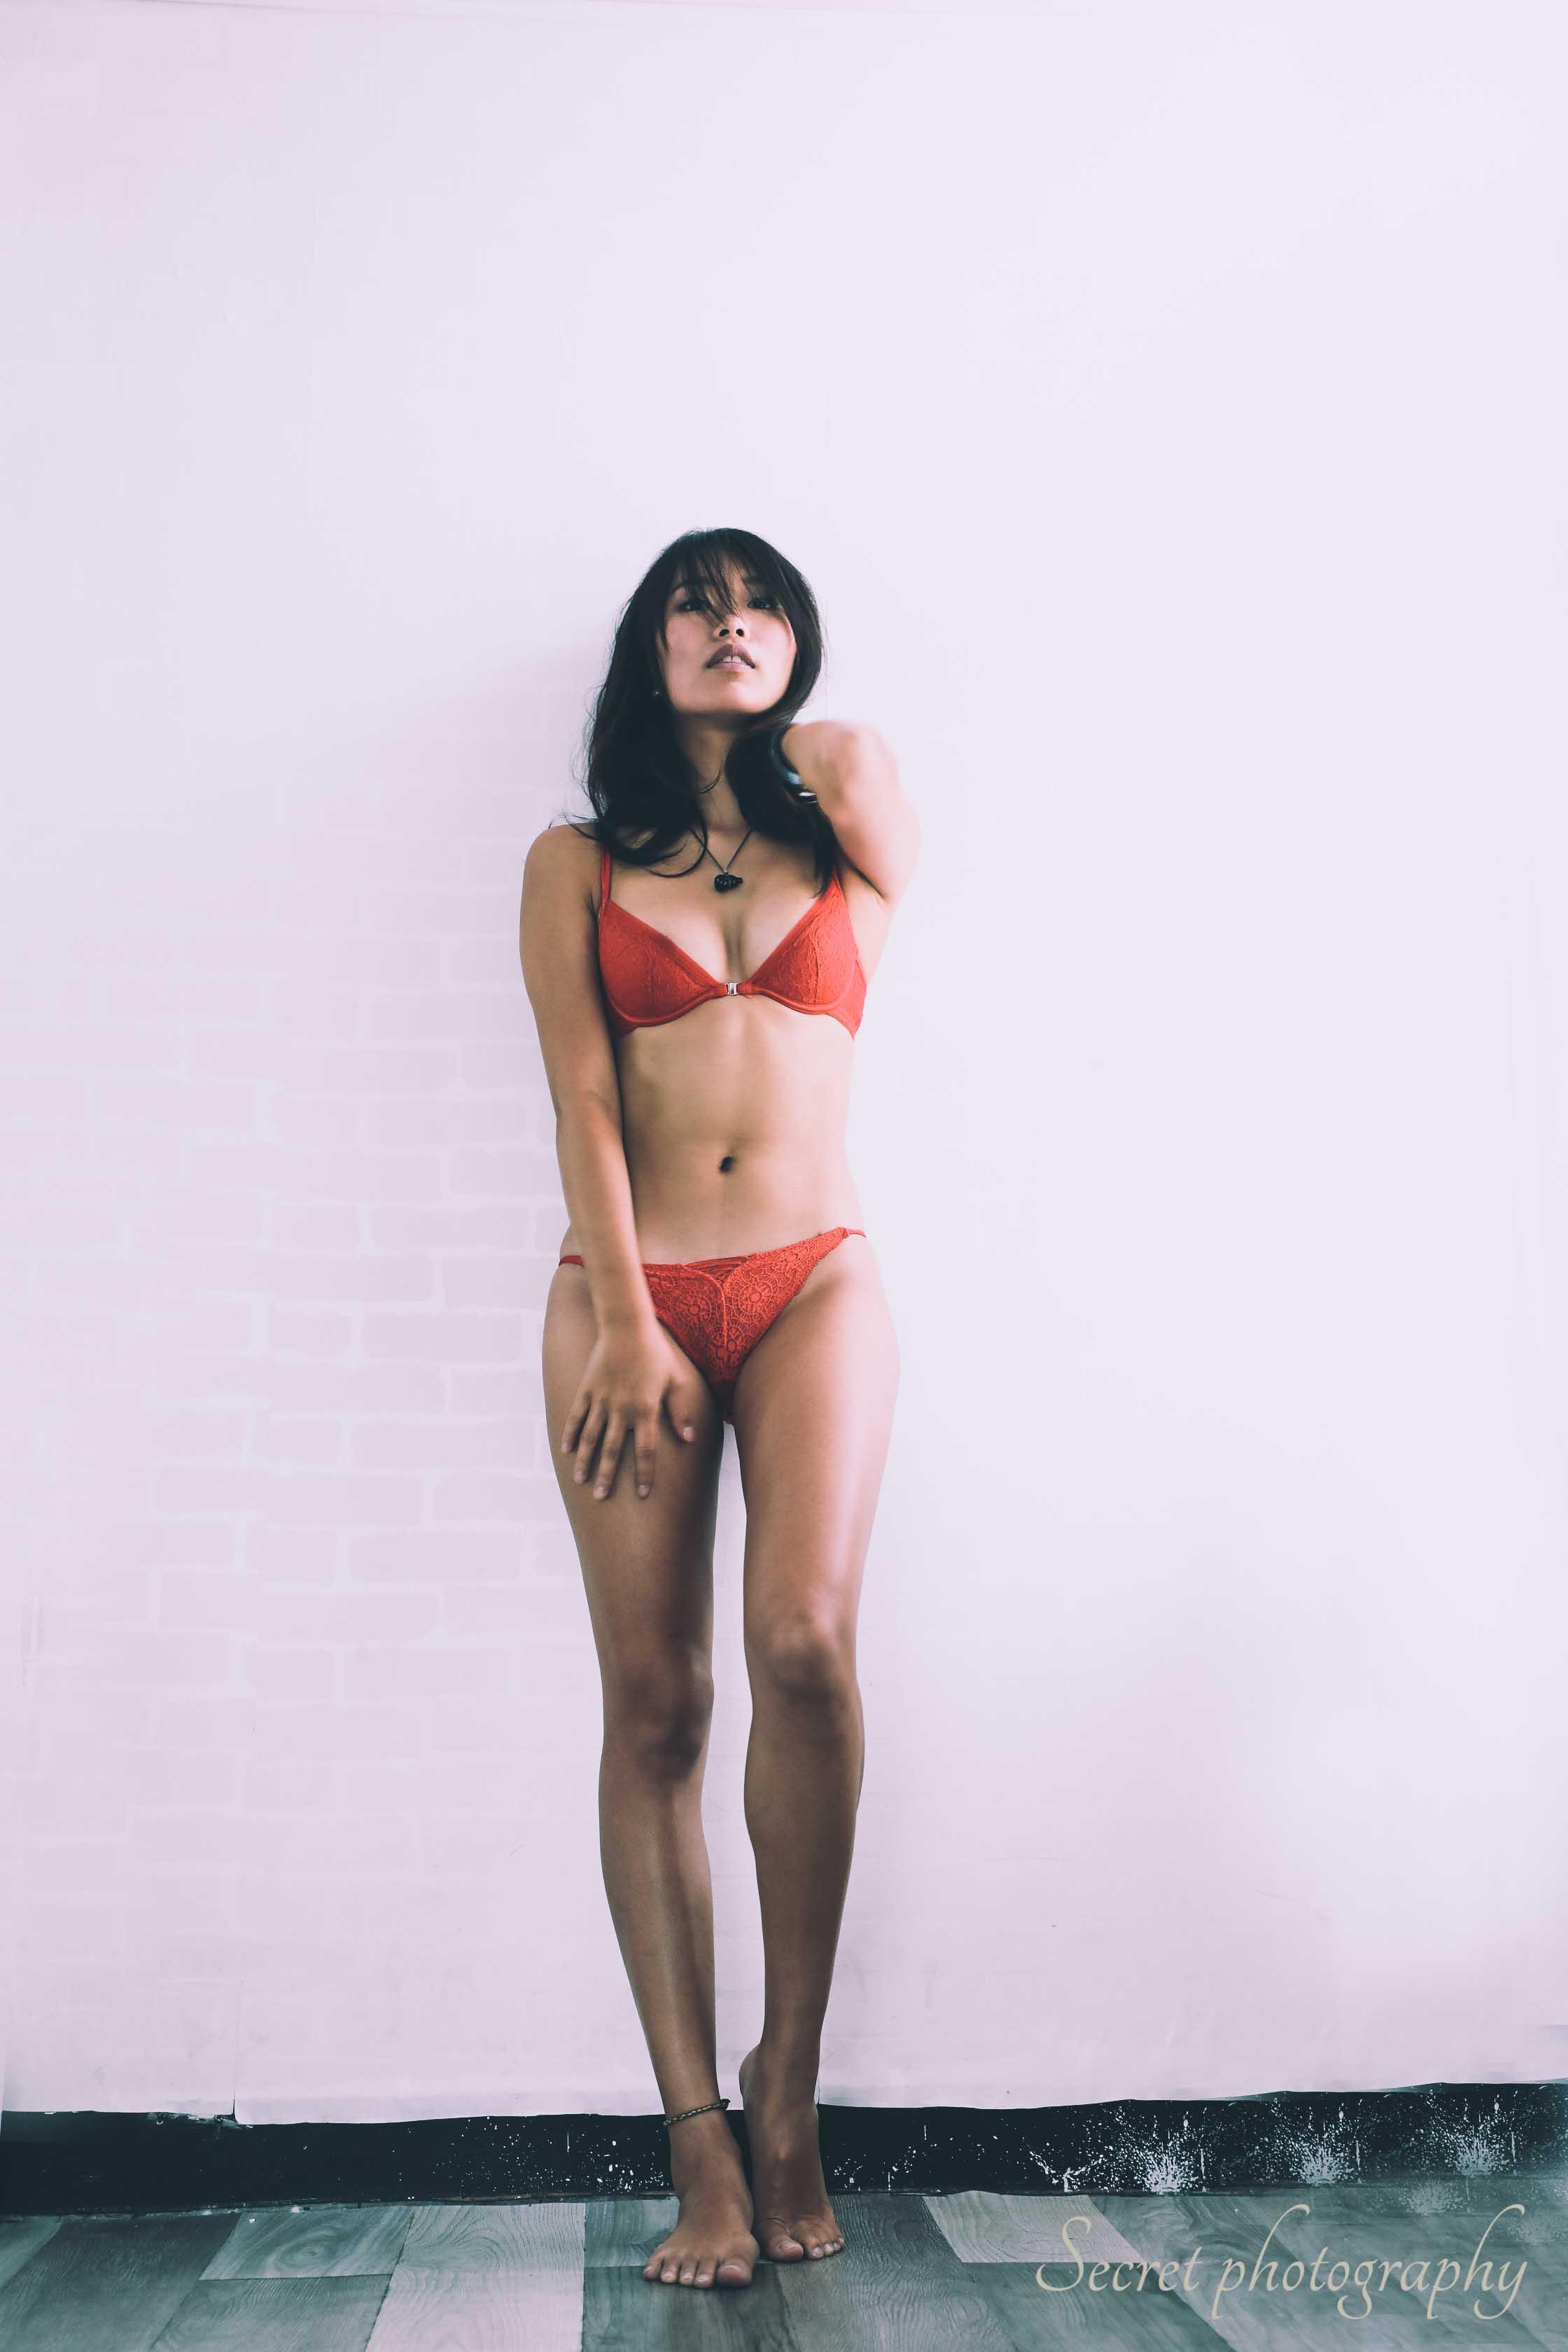 人像攝影_閨蜜攝影價錢_個人寫真_性感寫真_portrait_sexy_style_paulstylist_secret_photography-179